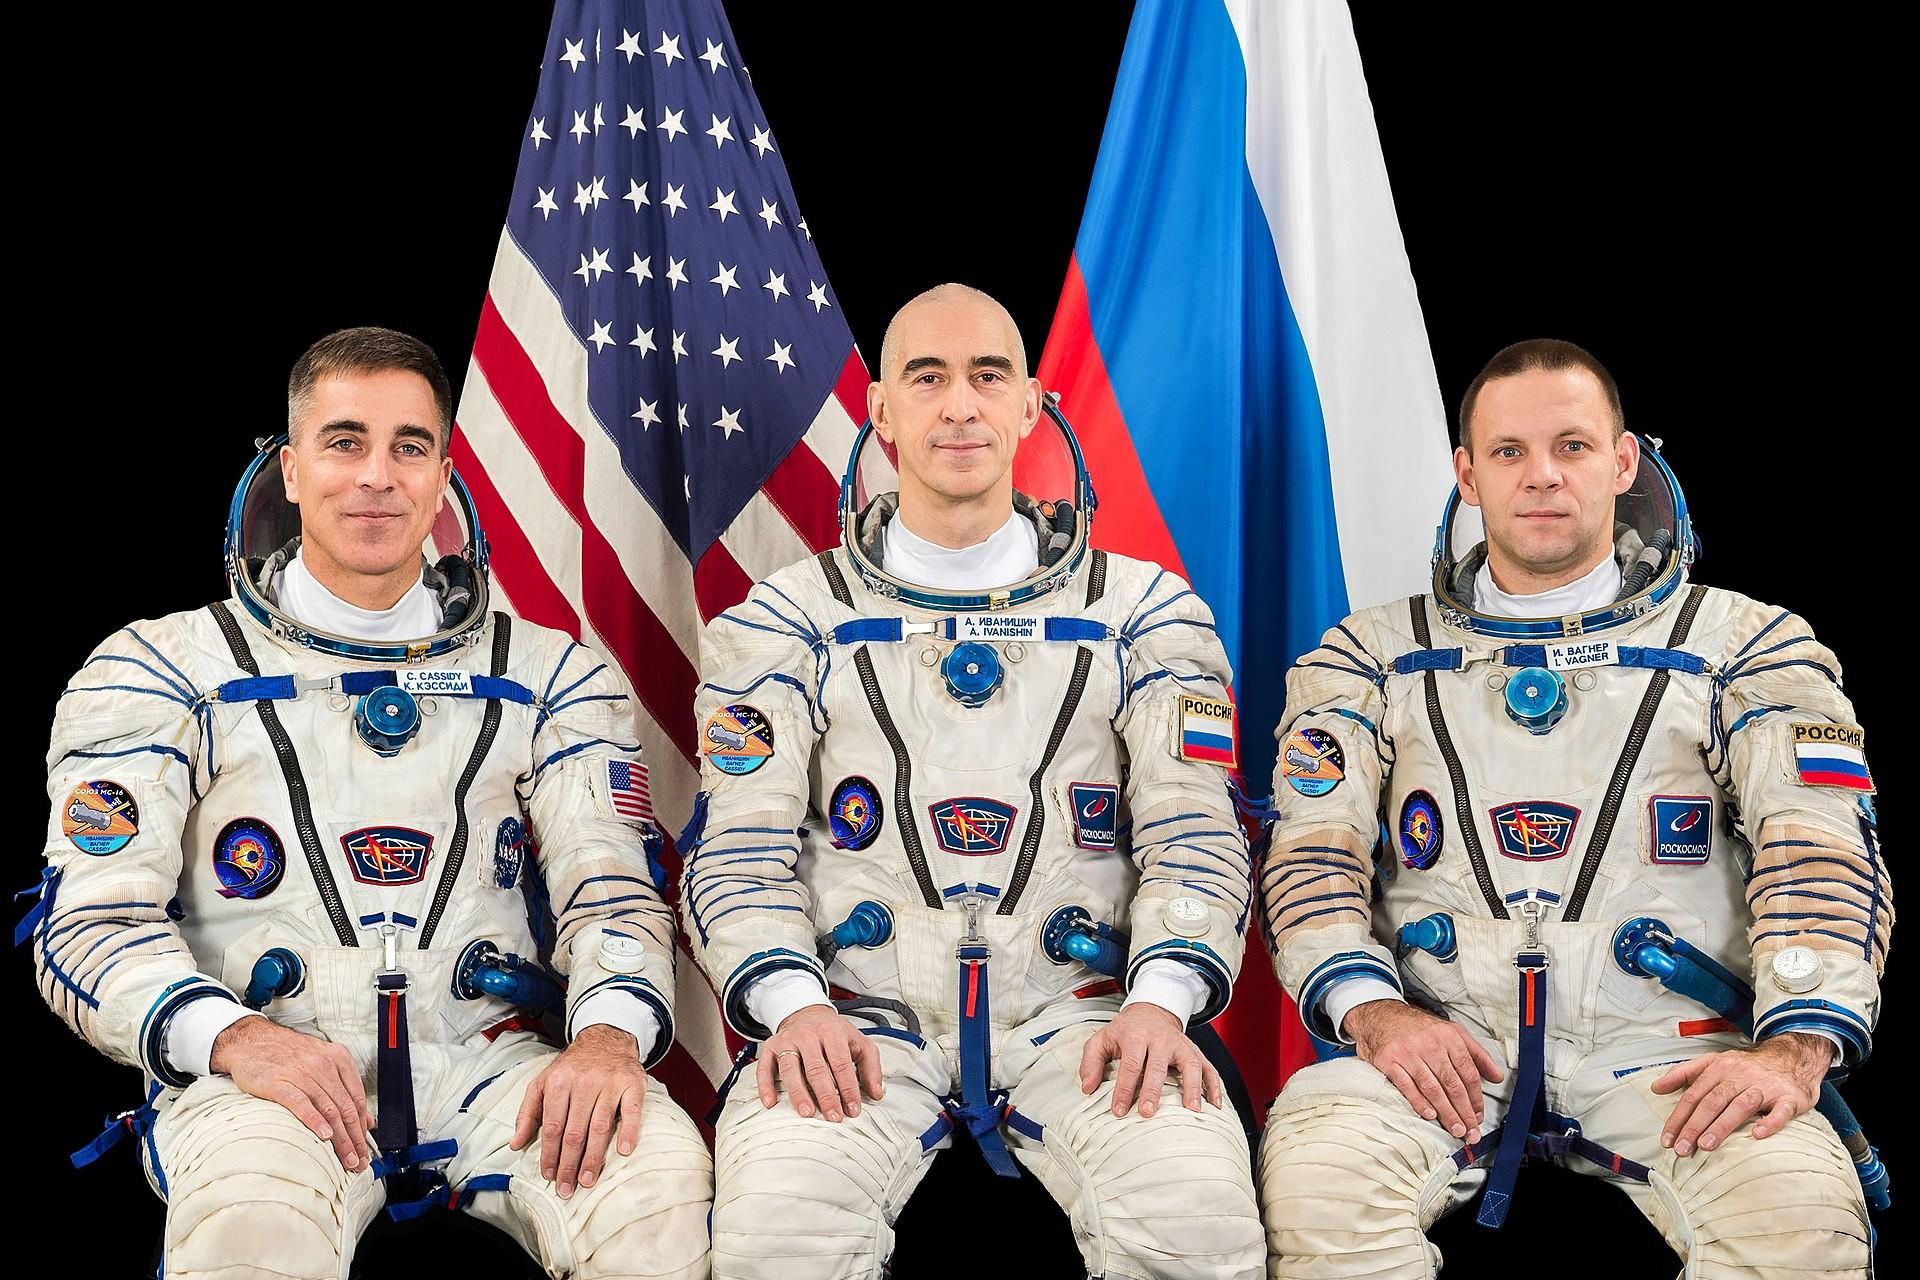 Nova posadka Mednarodne vesoljske postaje (z leve proti desni): Christopher Cassidy (NASA), Anatolij Ivanišin (Roskosmos) in Ivan Vagner (Roskosmos) med skupinskim fotografiranjem v Gagarinovem vesoljskem centru